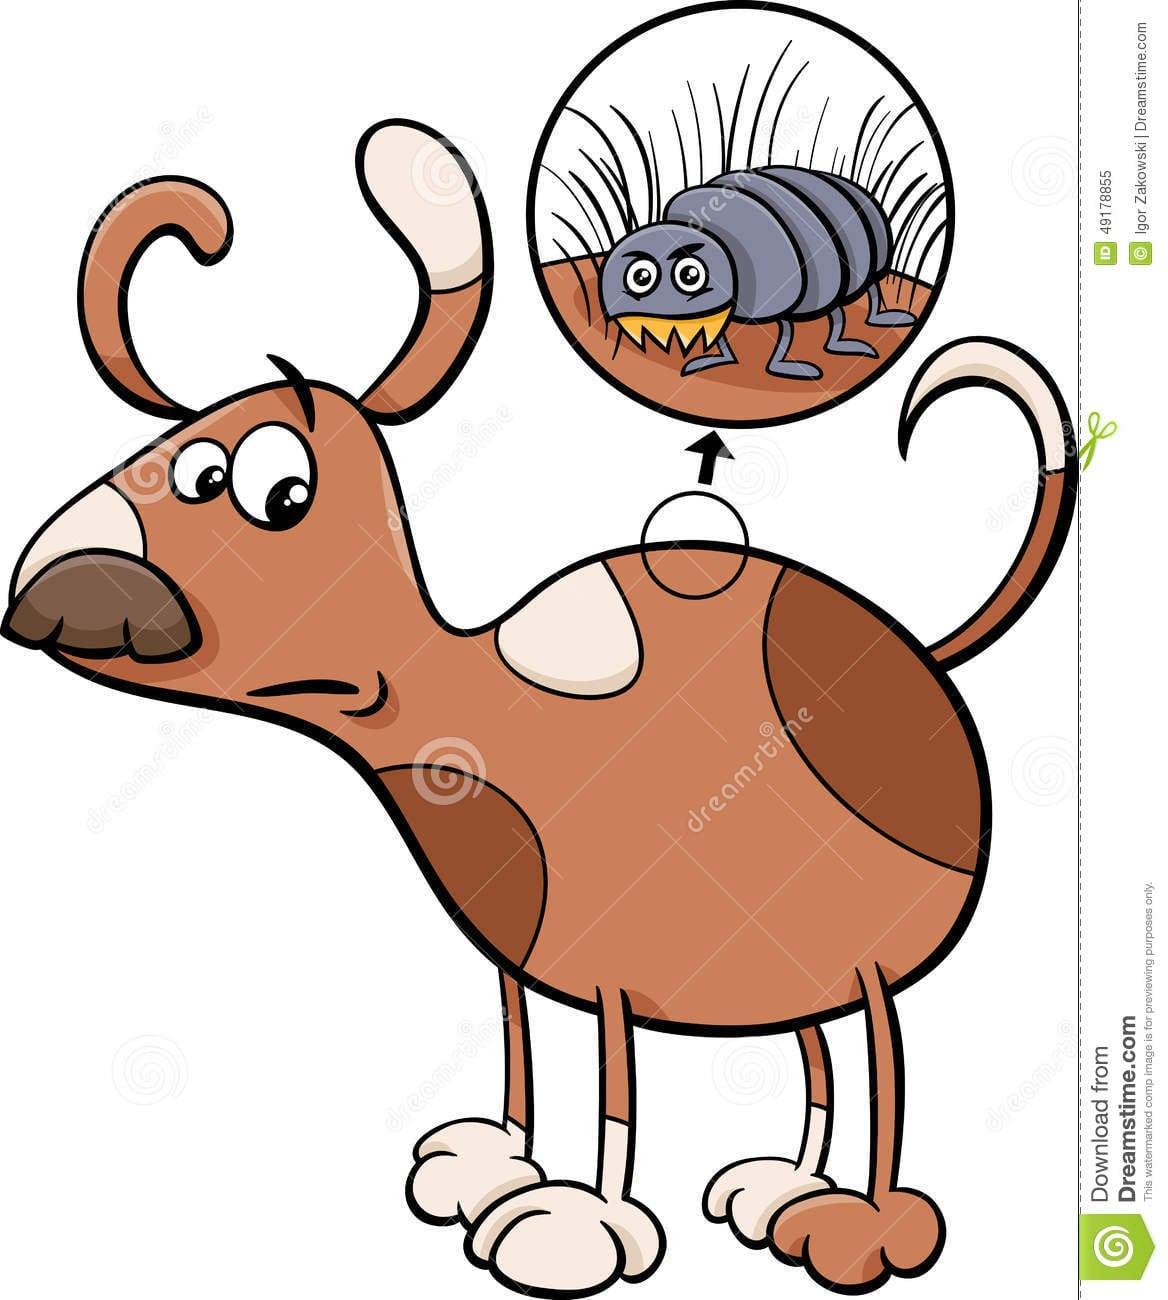 Ilustração Dos Desenhos Animados Do Cão E Da Pulga Ilustração Do